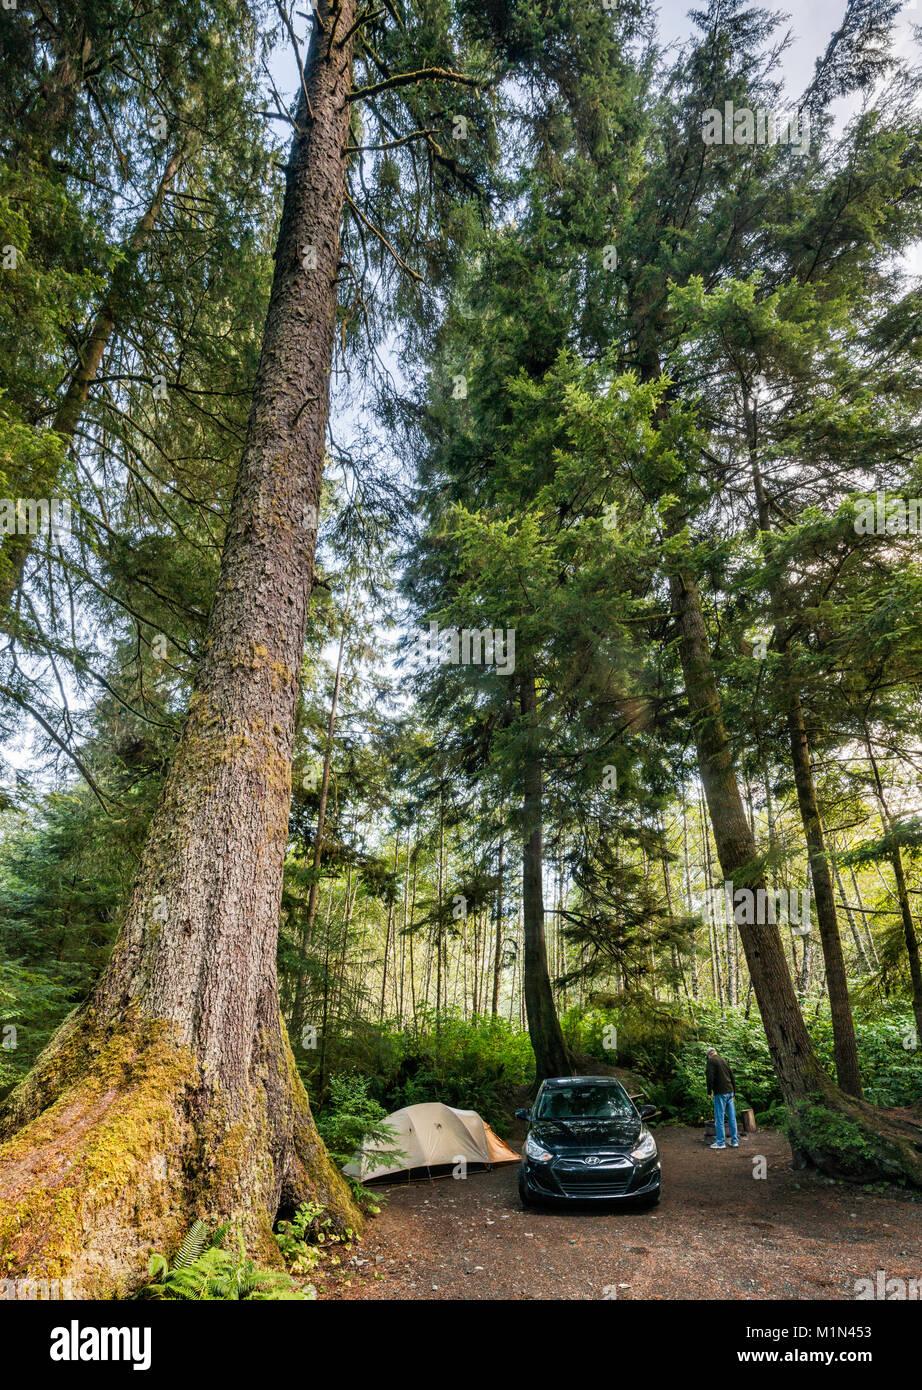 Sapin de Douglas, la forêt tempérée, campeuse au camping au Camping La rivière Quatse à Photo Stock